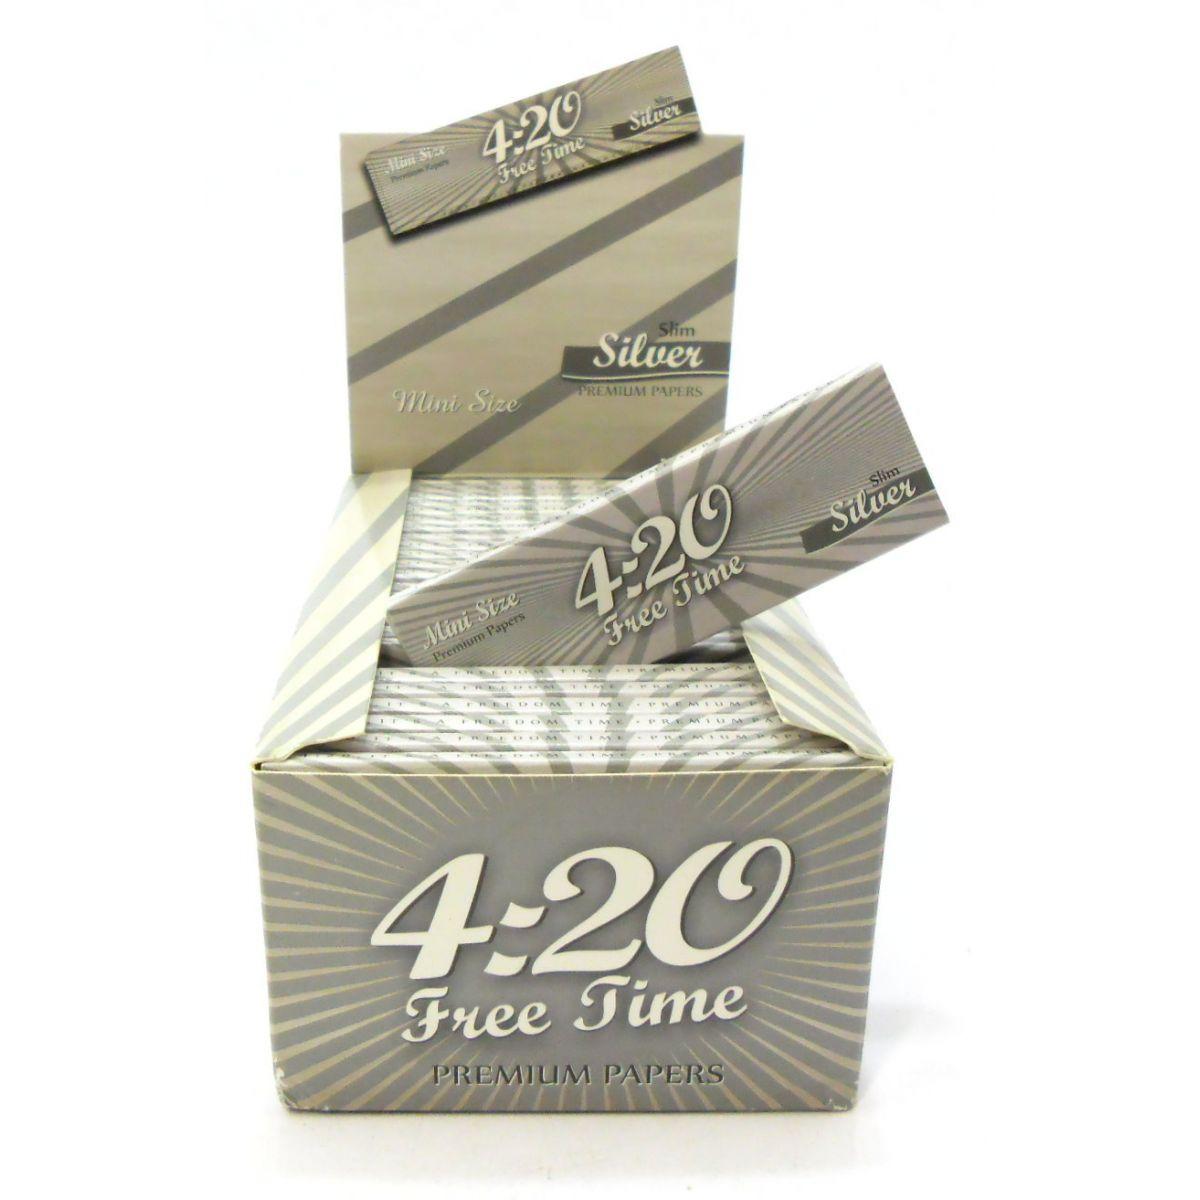 Caixa de seda ULTRA420, MINI SIZE, SILVER, caixa com 50 livros com 50 folhas cada.